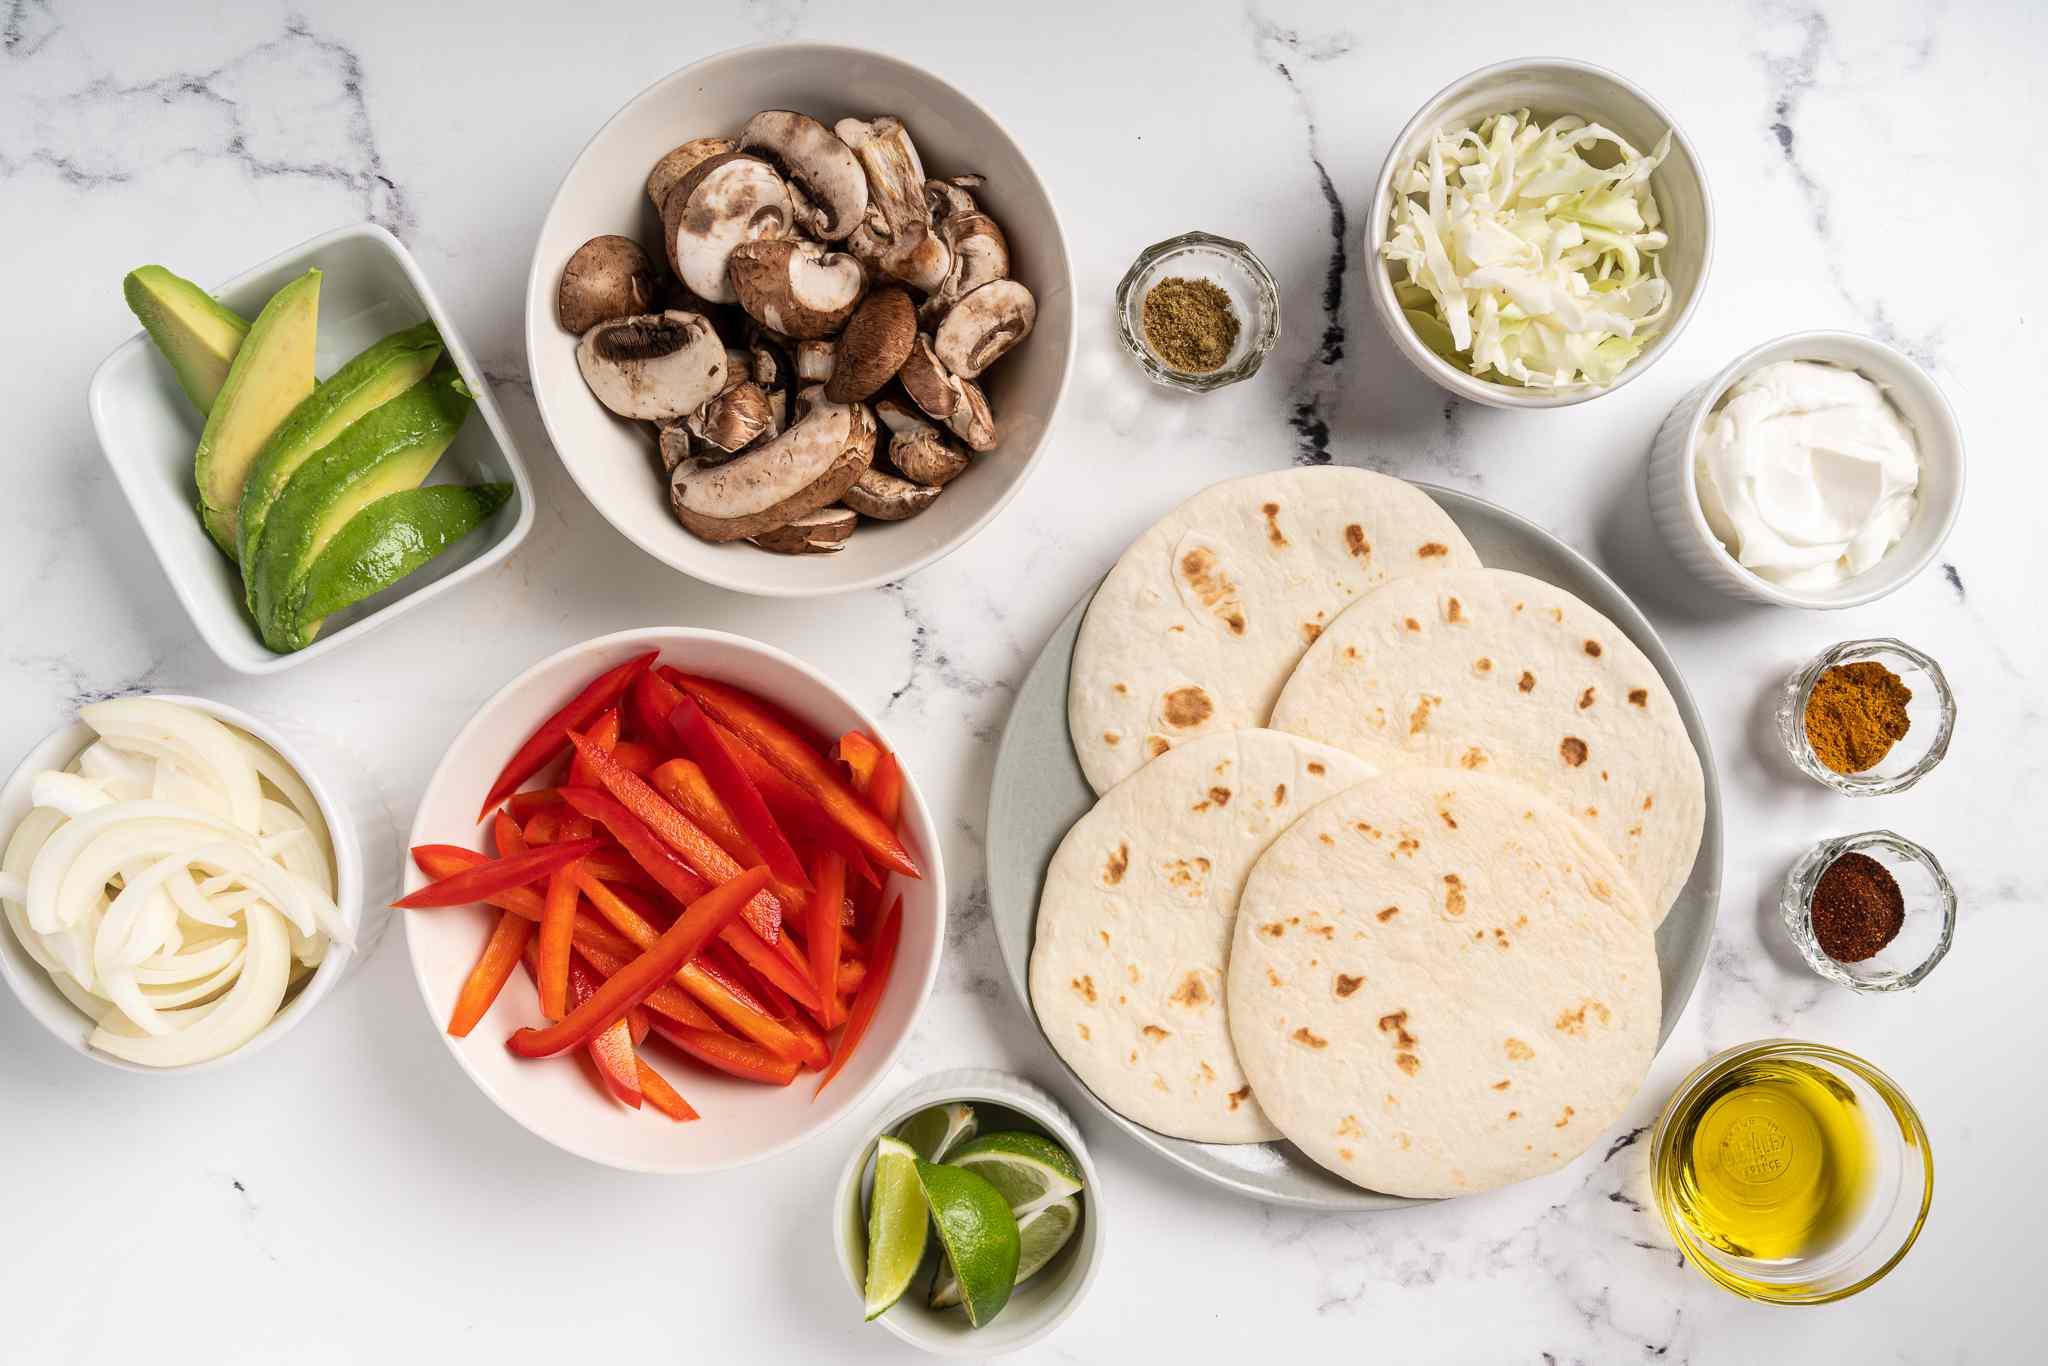 Vegetarian Mushroom Tacos ingredients